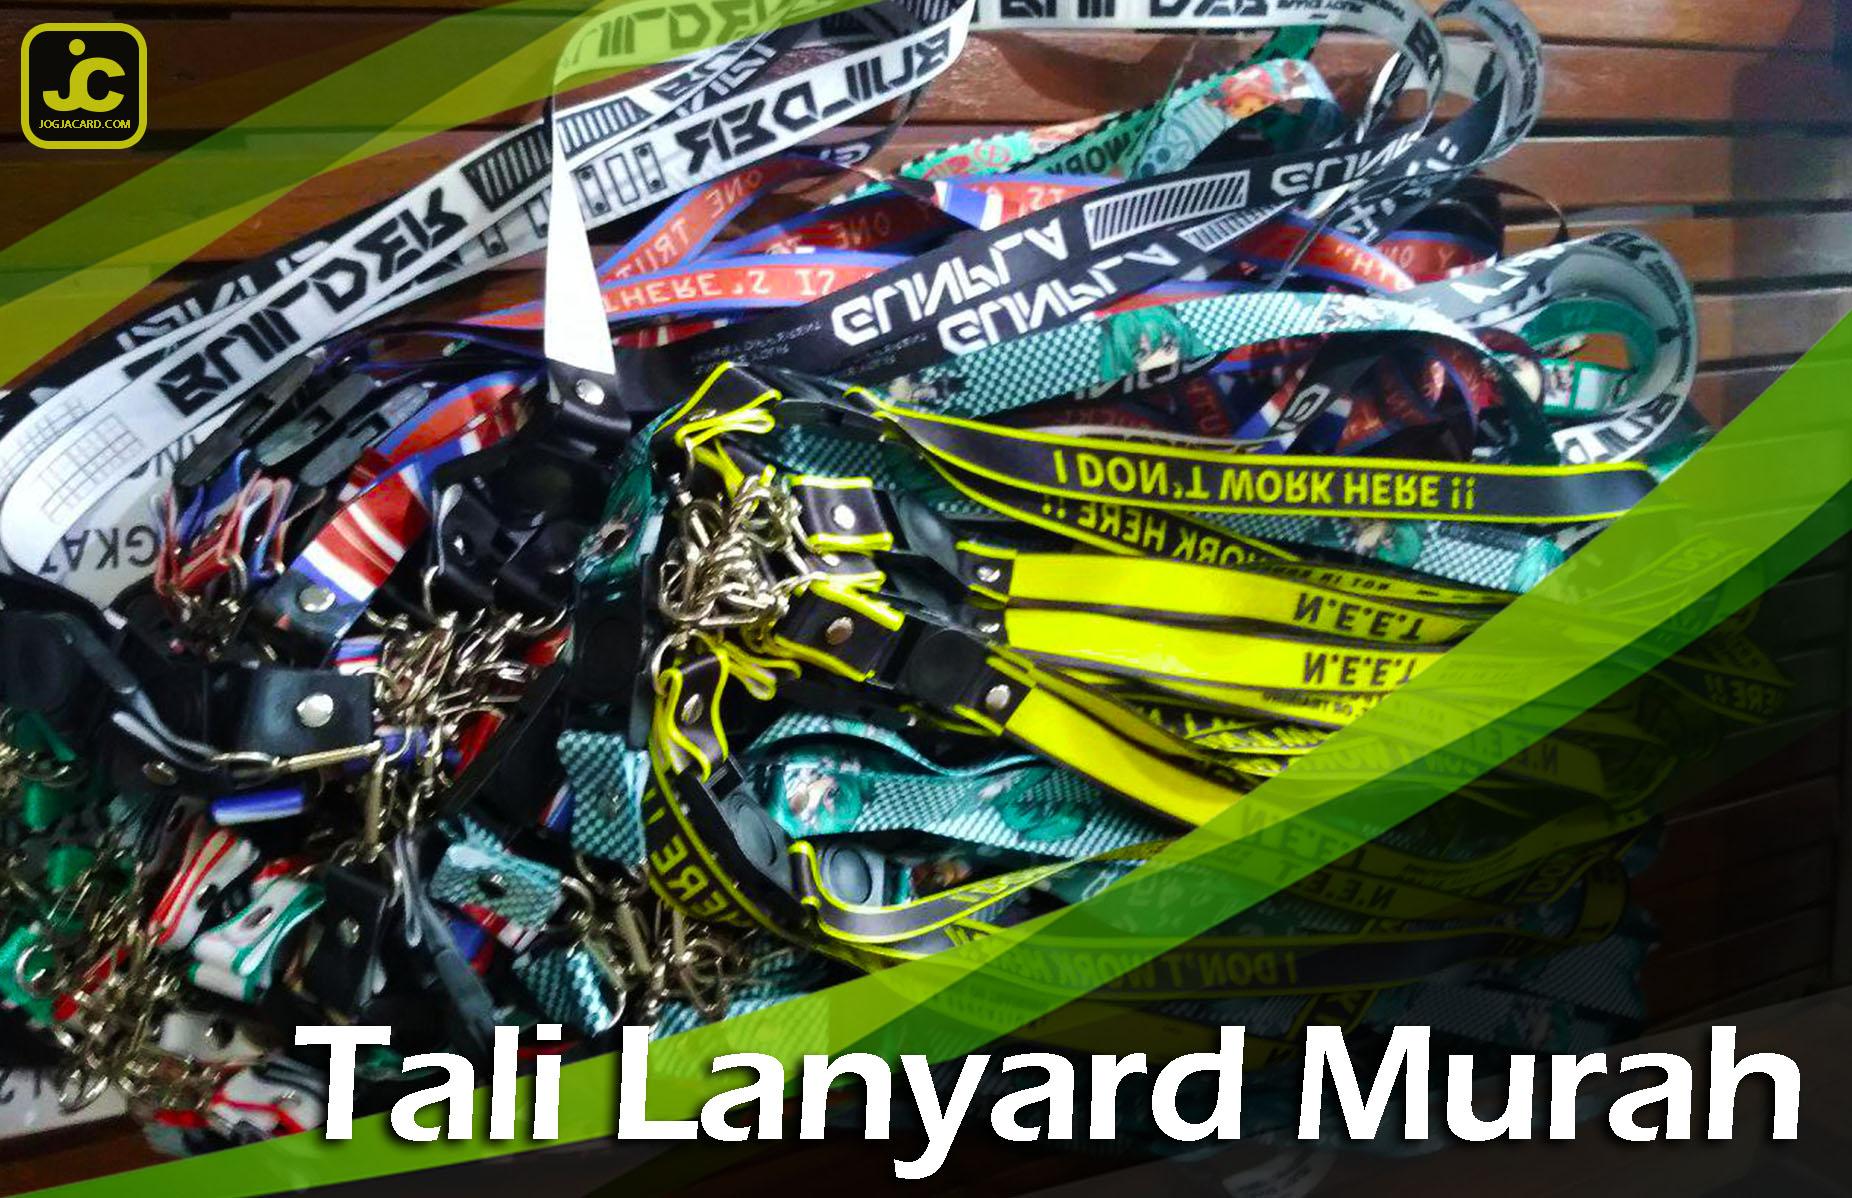 Tali Lanyard Murah